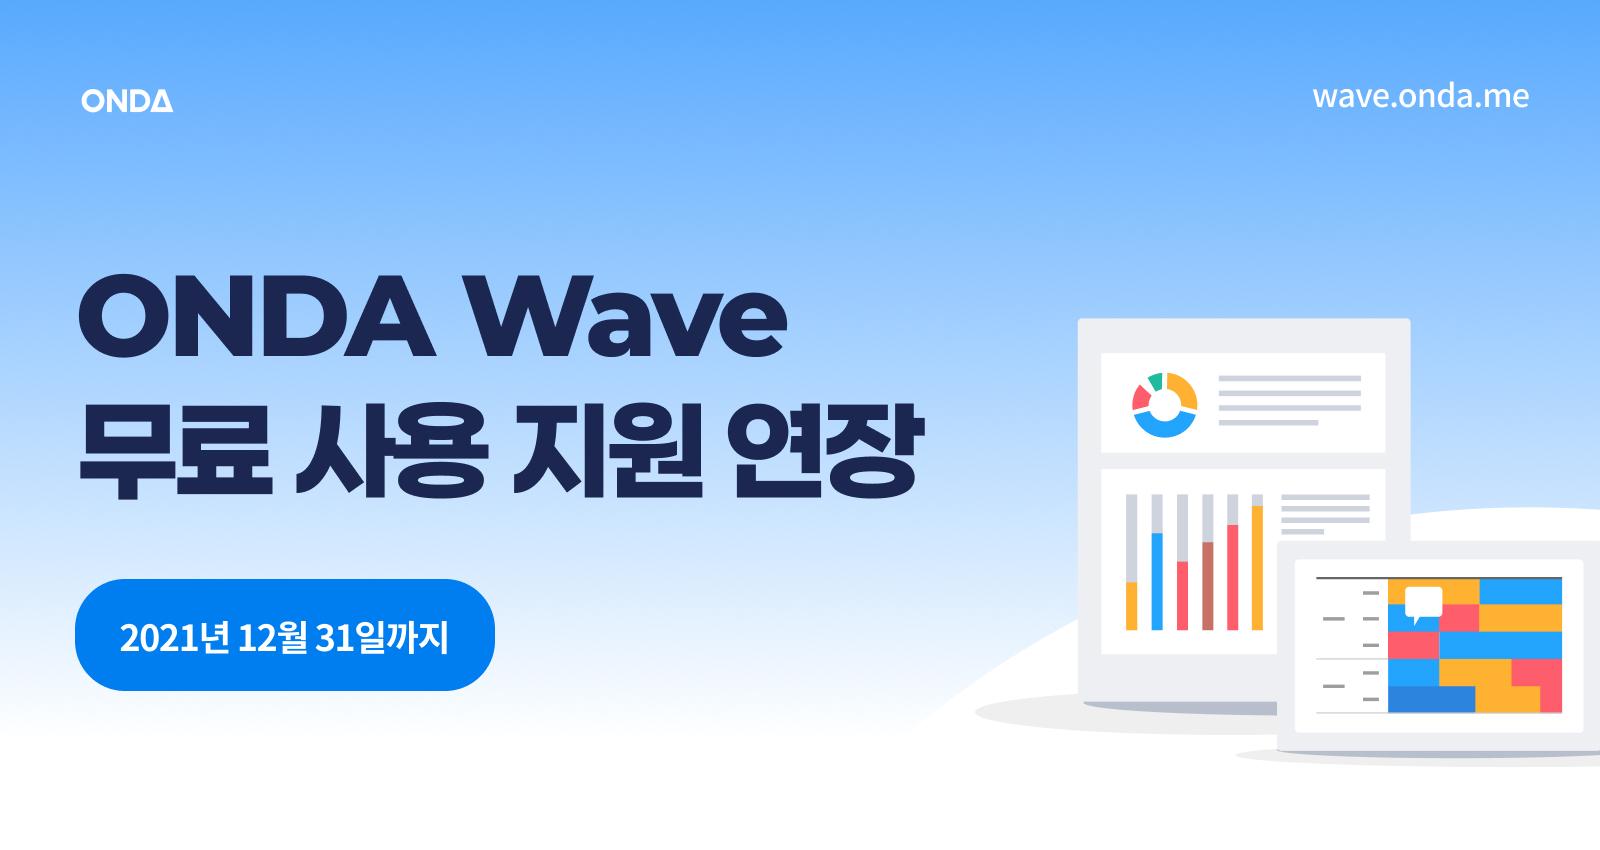 [공지] ONDA Wave 무료 사용 지원 연장